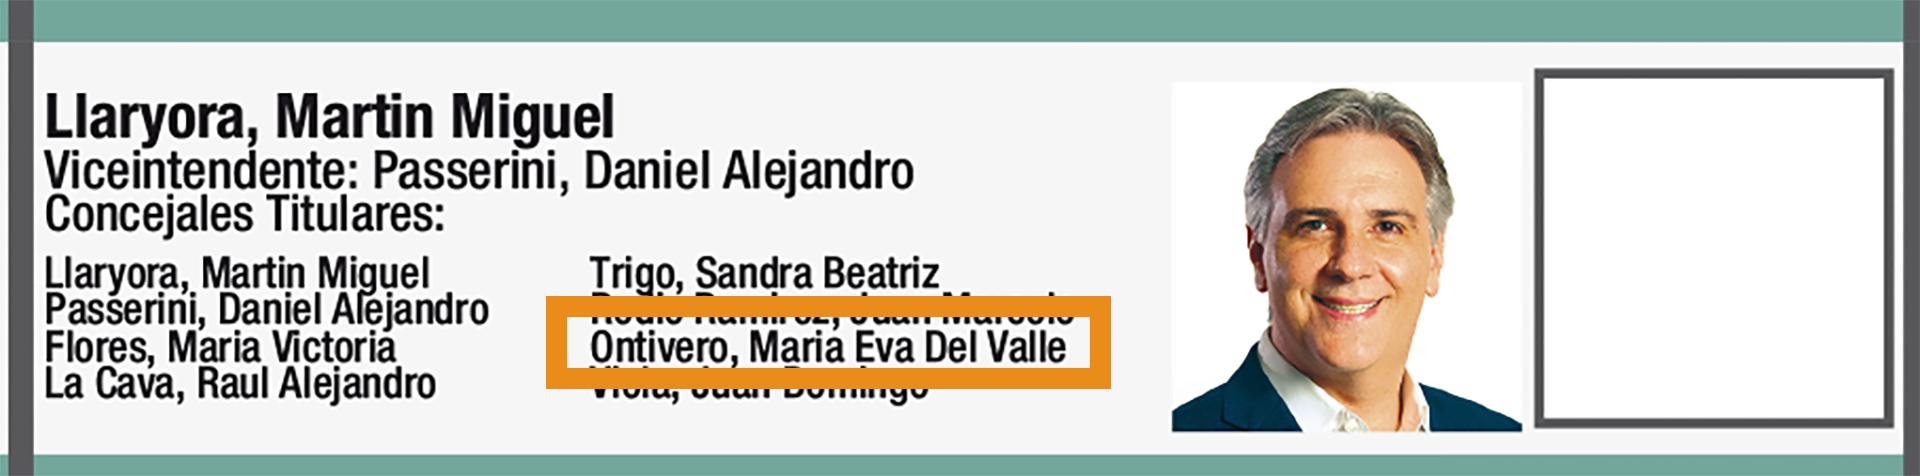 Eva Ontivero figuraba como candidata a concejal del espacio de Llaryora en la BUS